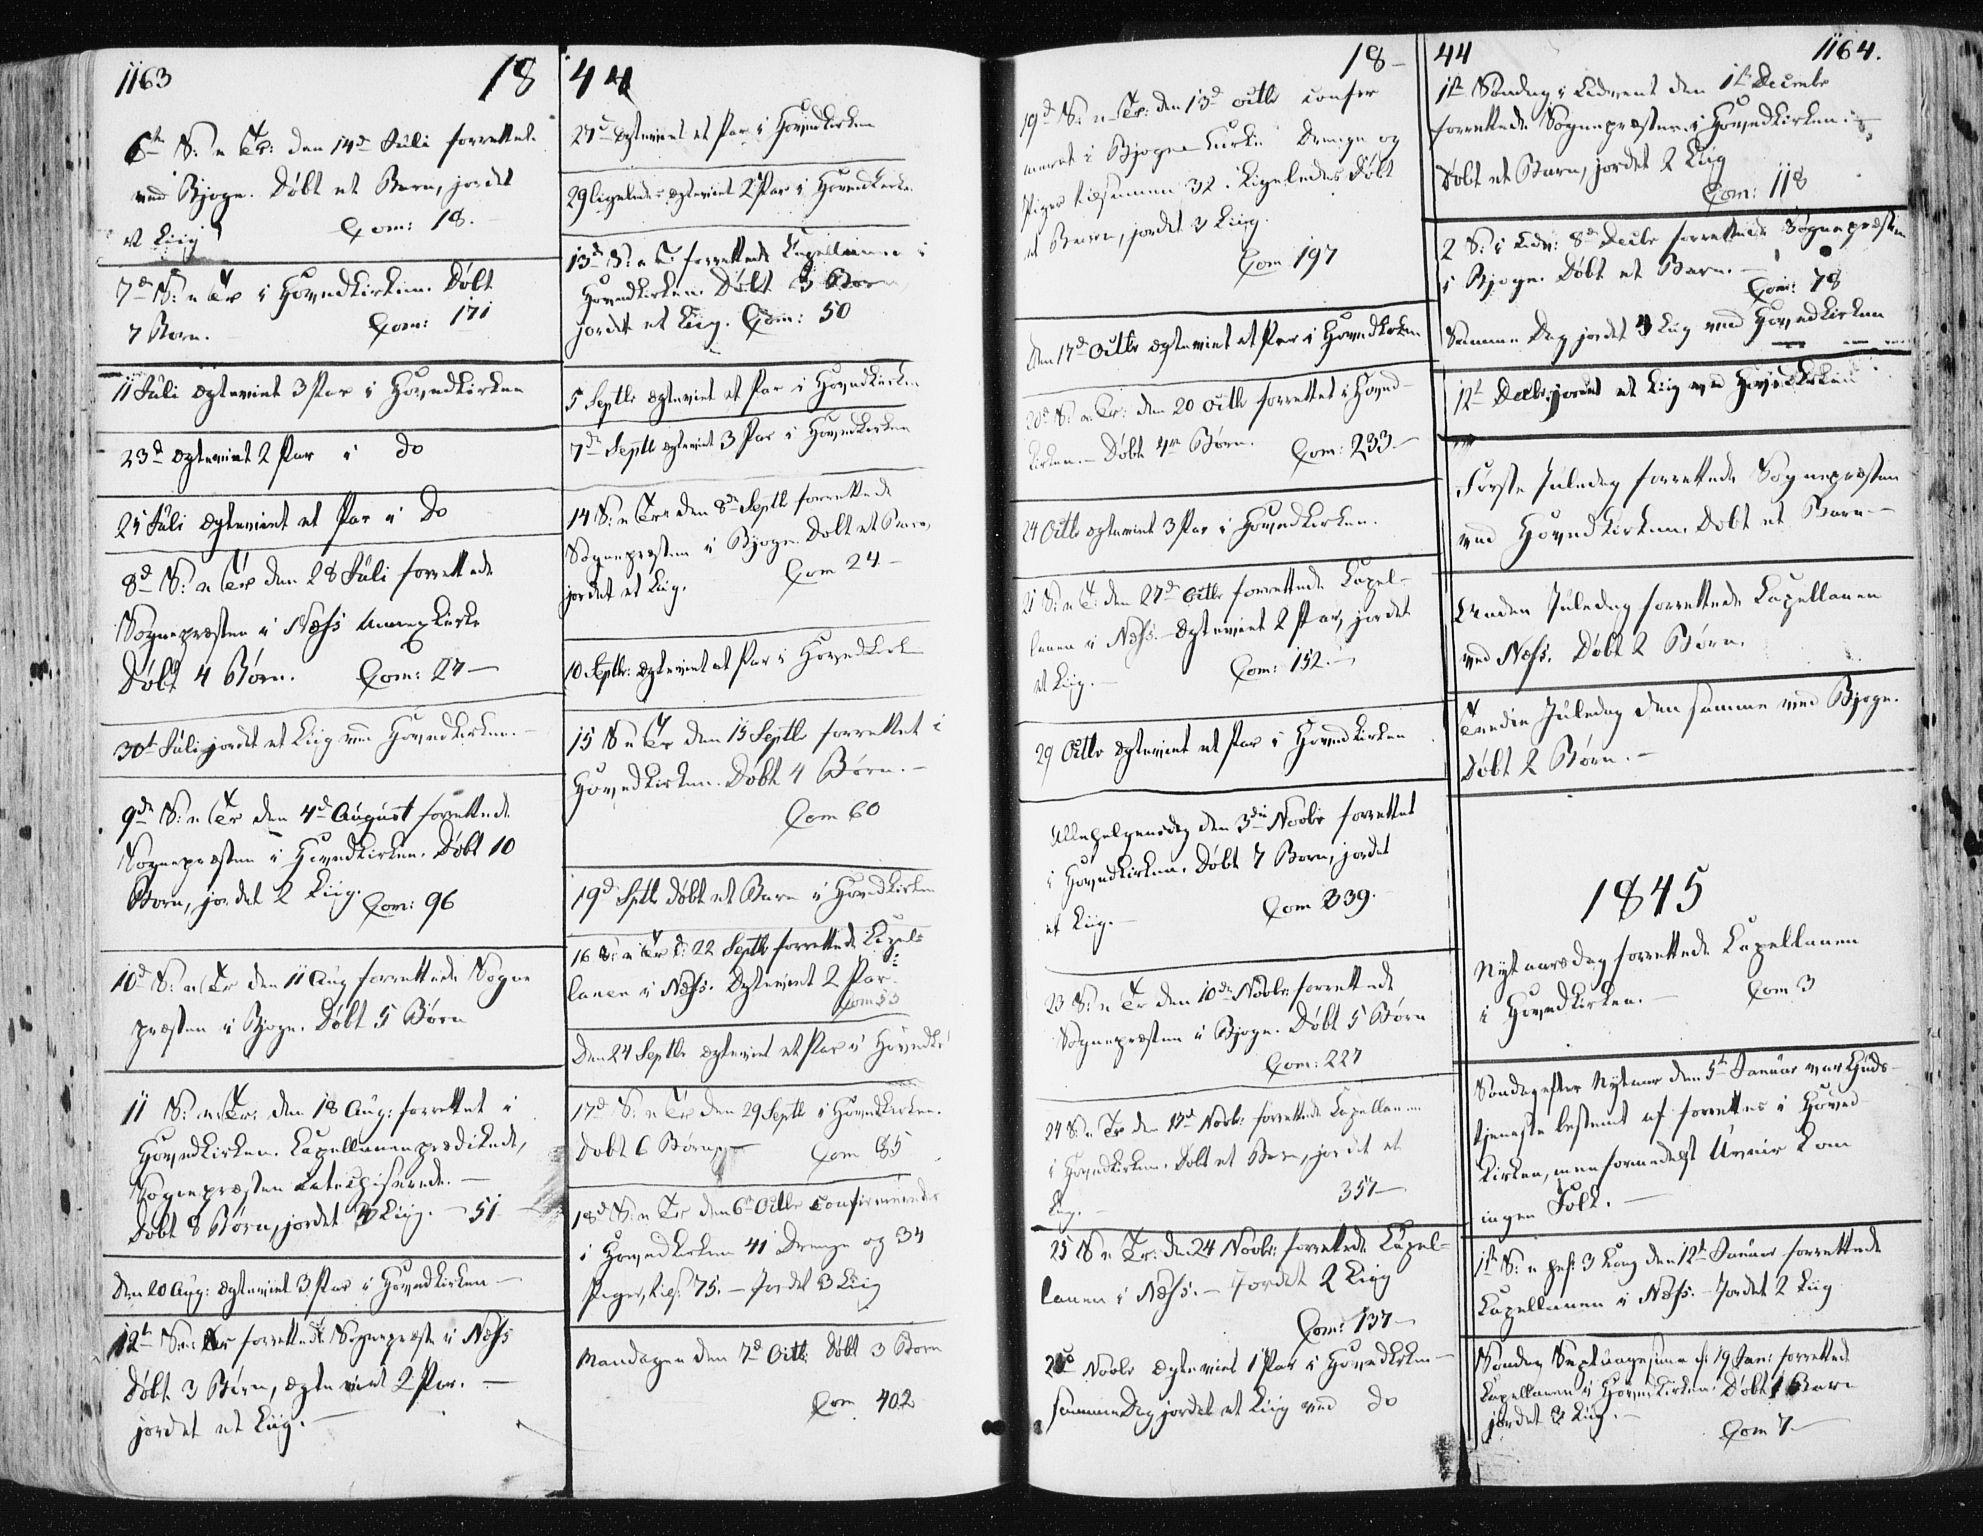 SAT, Ministerialprotokoller, klokkerbøker og fødselsregistre - Sør-Trøndelag, 659/L0736: Ministerialbok nr. 659A06, 1842-1856, s. 1163-1164